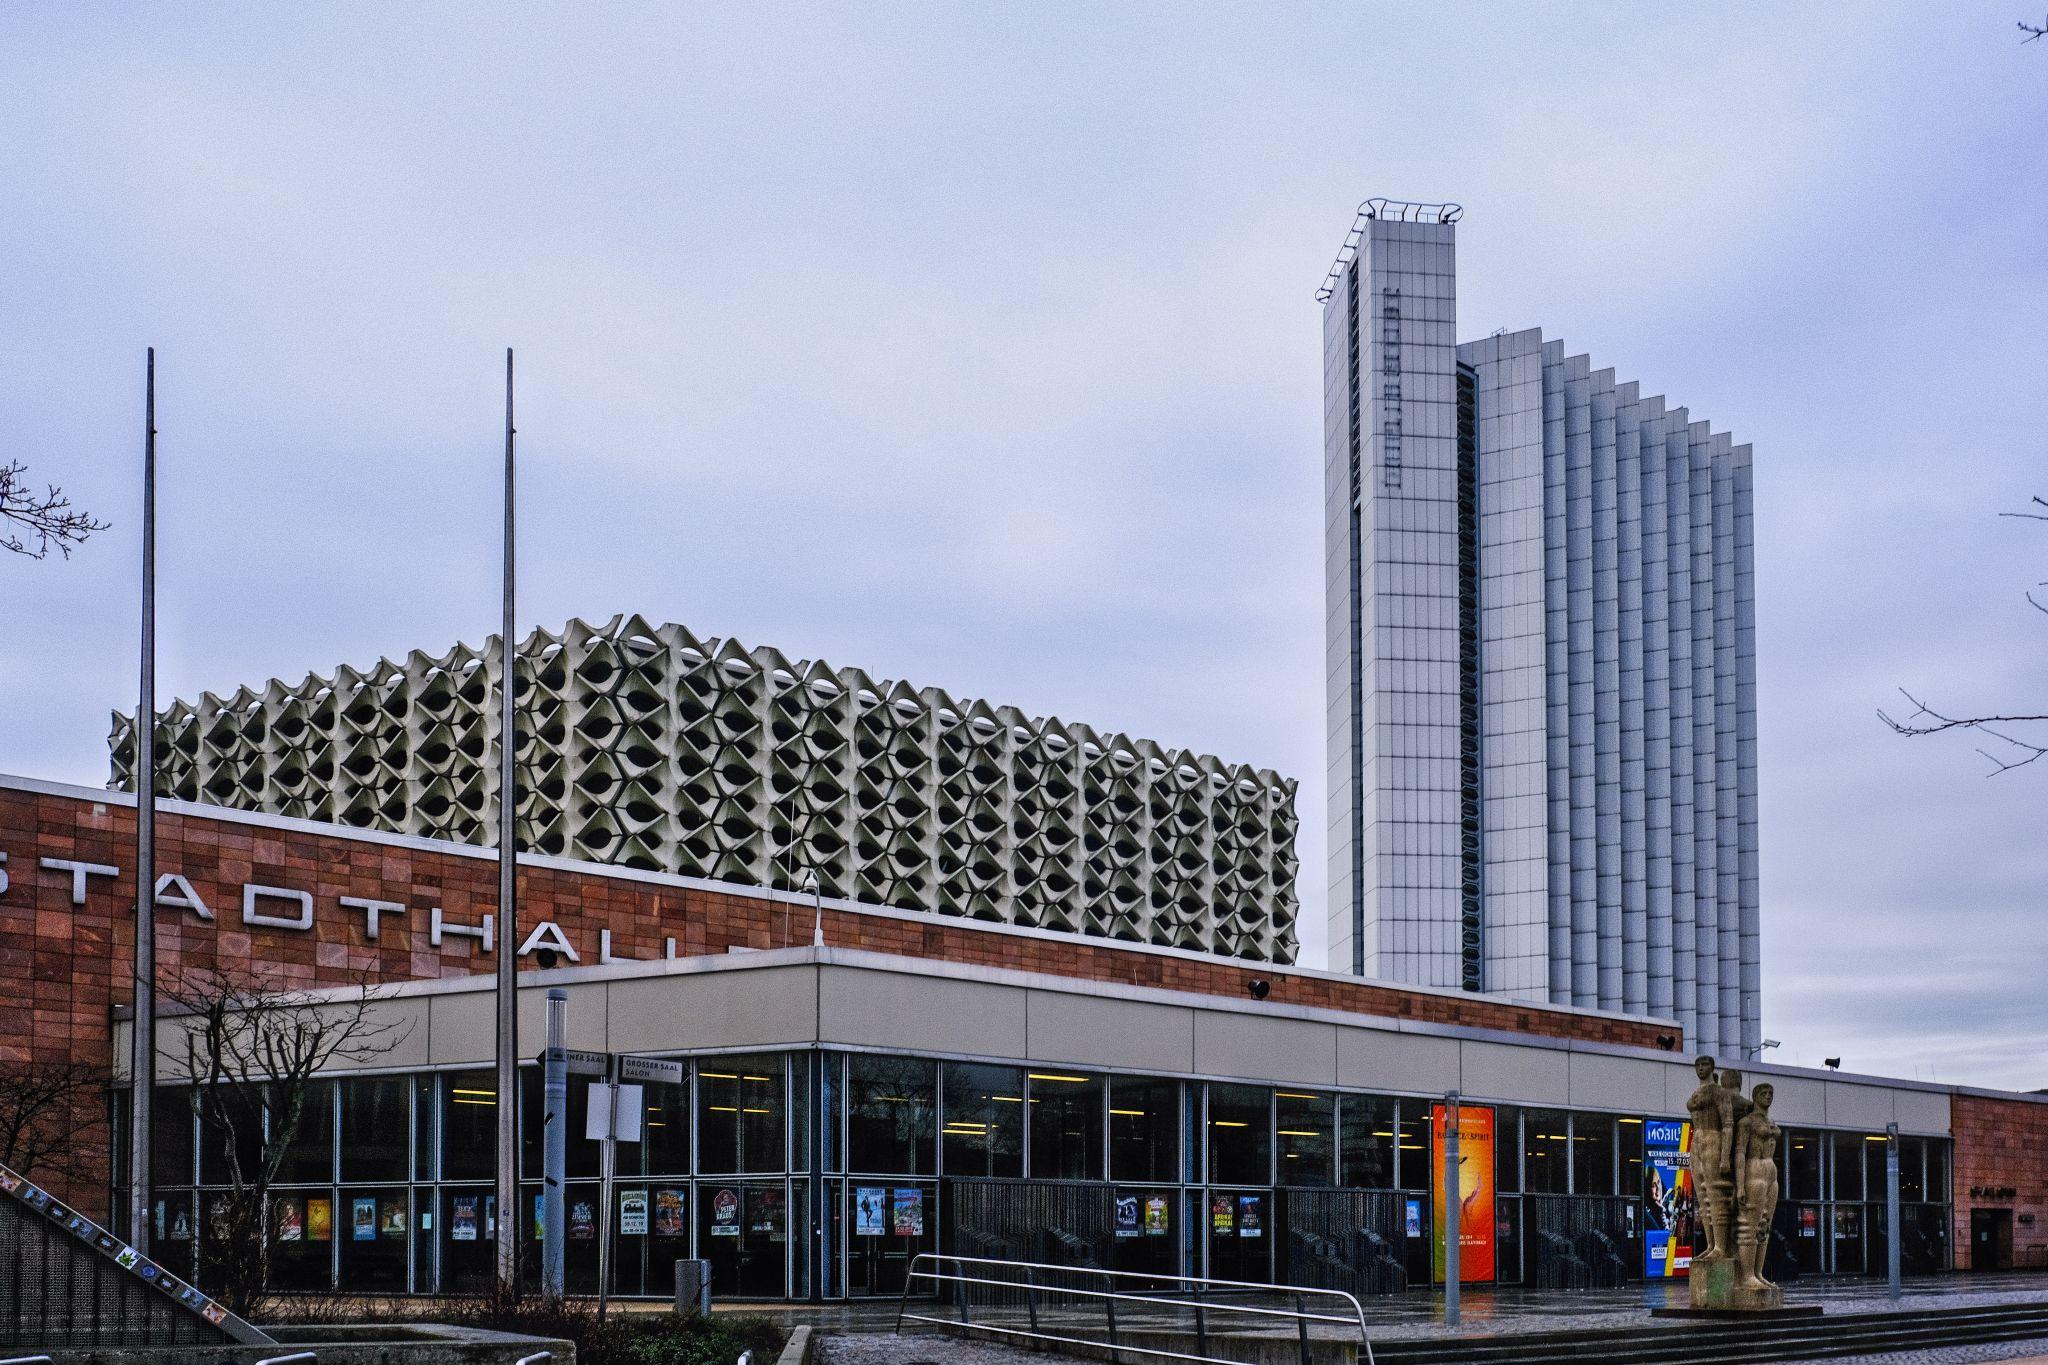 Stadthalle und Interhotel Karl-Marx-Stadt, Germany